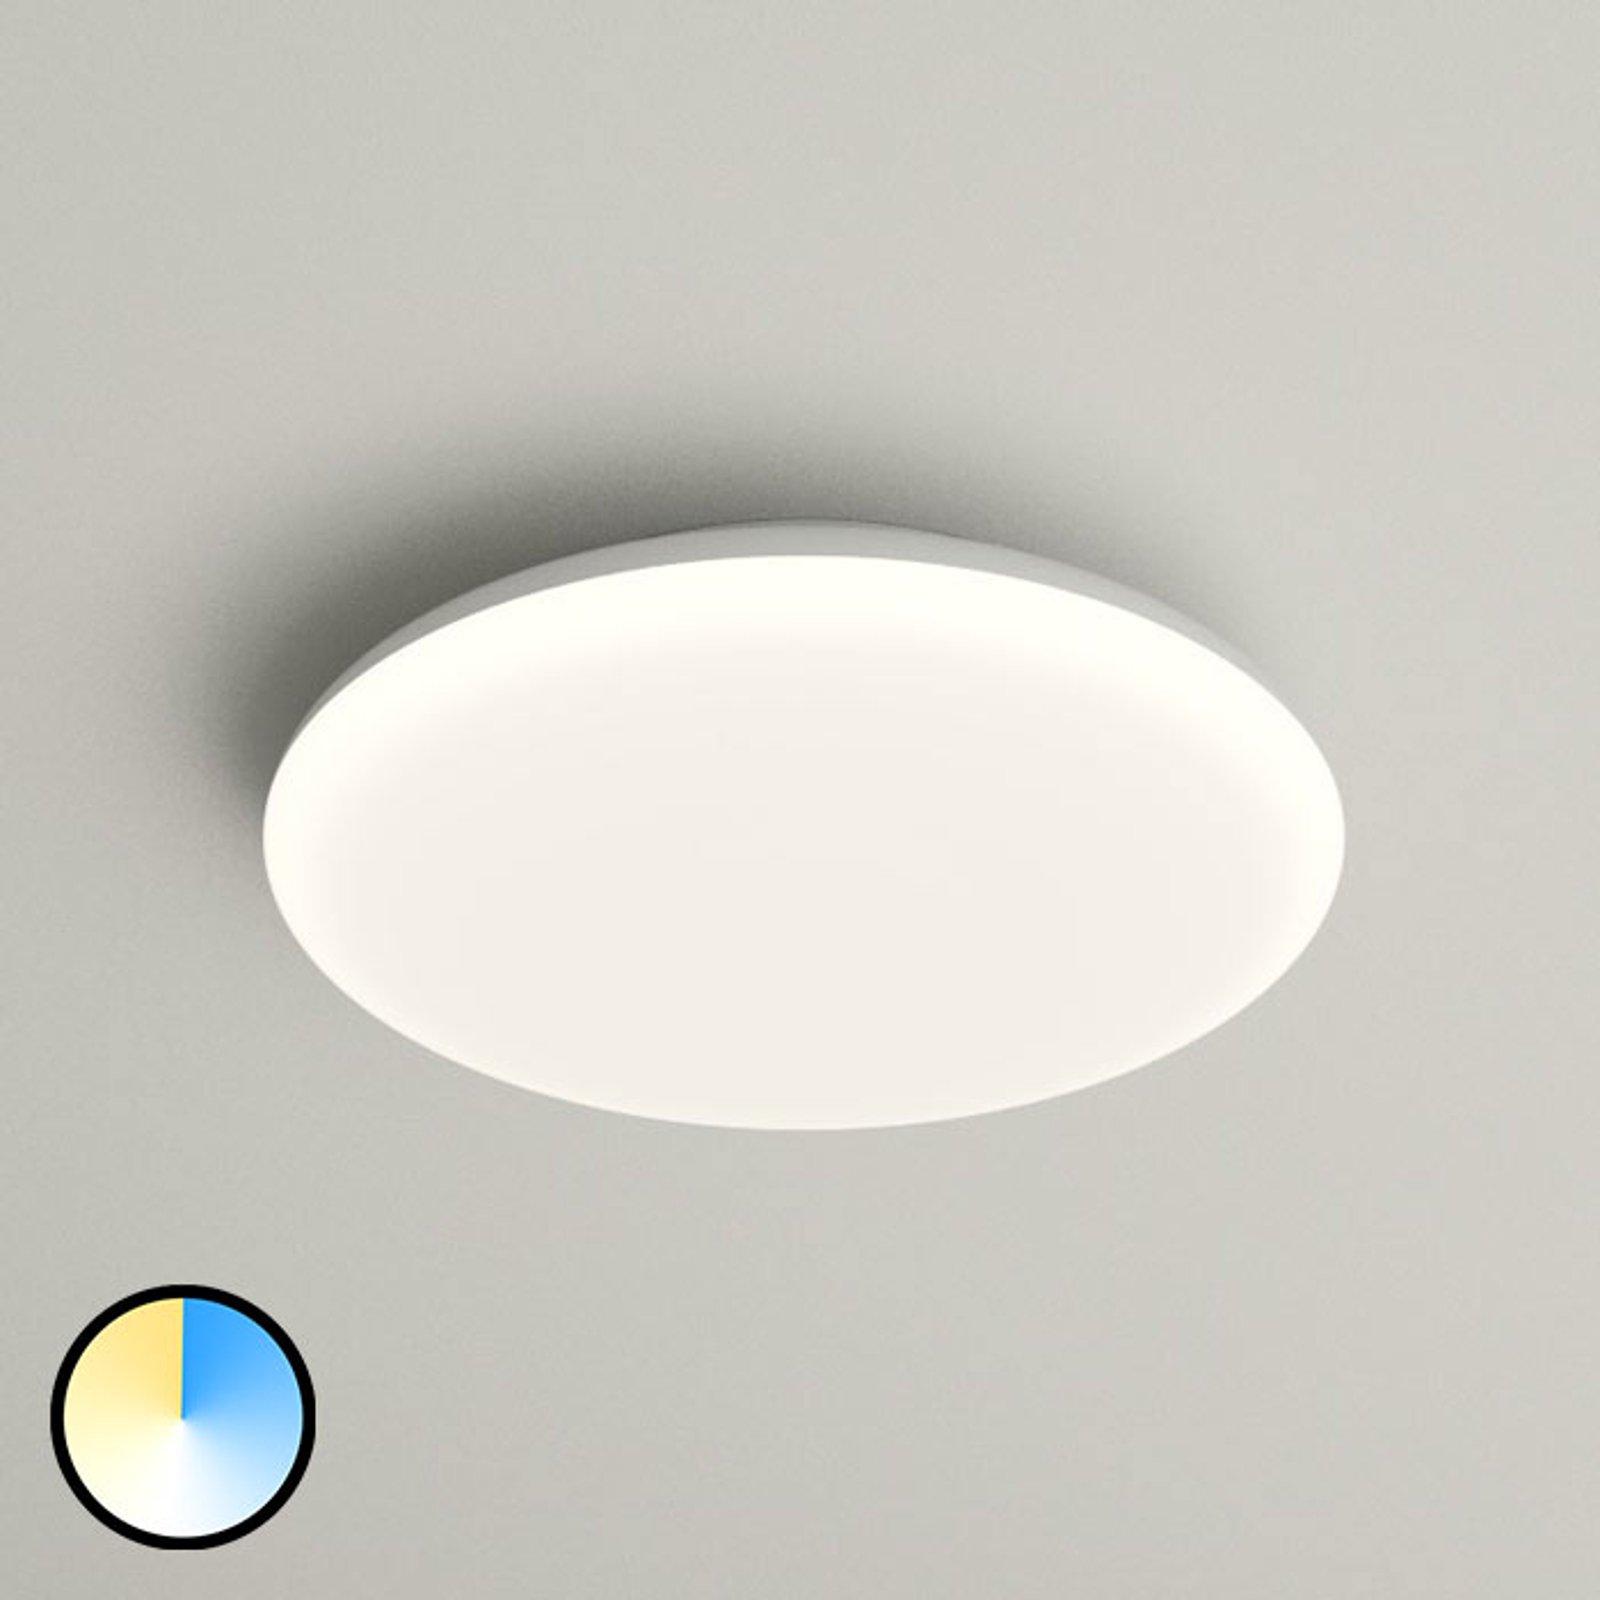 LED-taklampe Azra, hvit, IP54, 25 cm i diameter